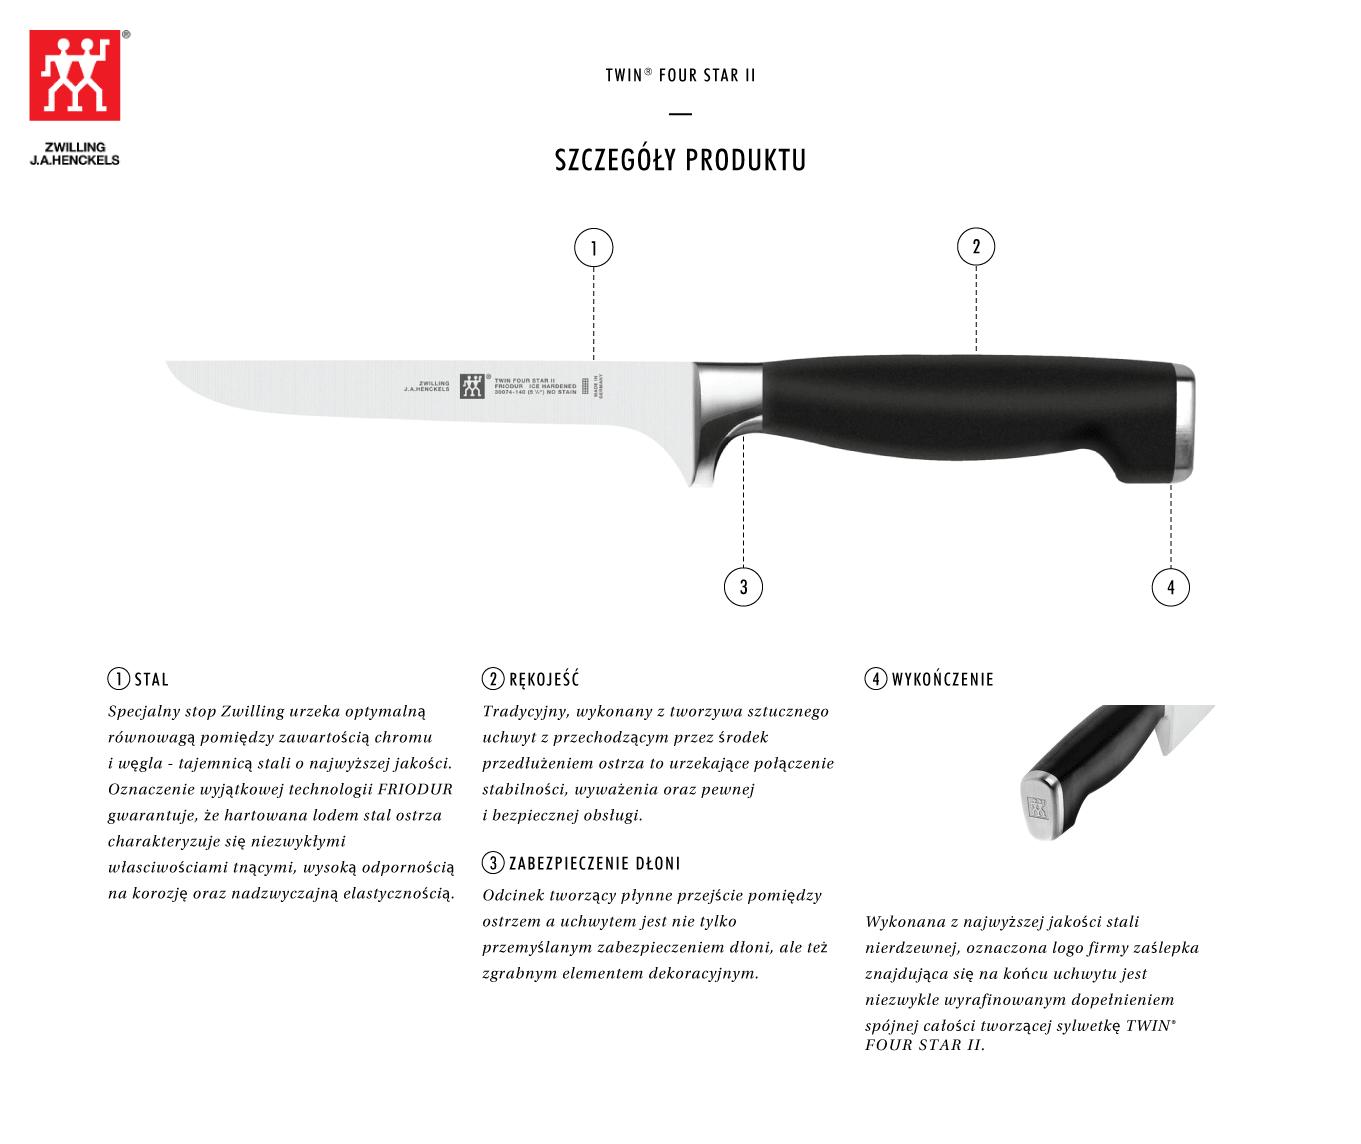 Dlaczego warto kupić nóż do trybowania Twin® Four Star II?